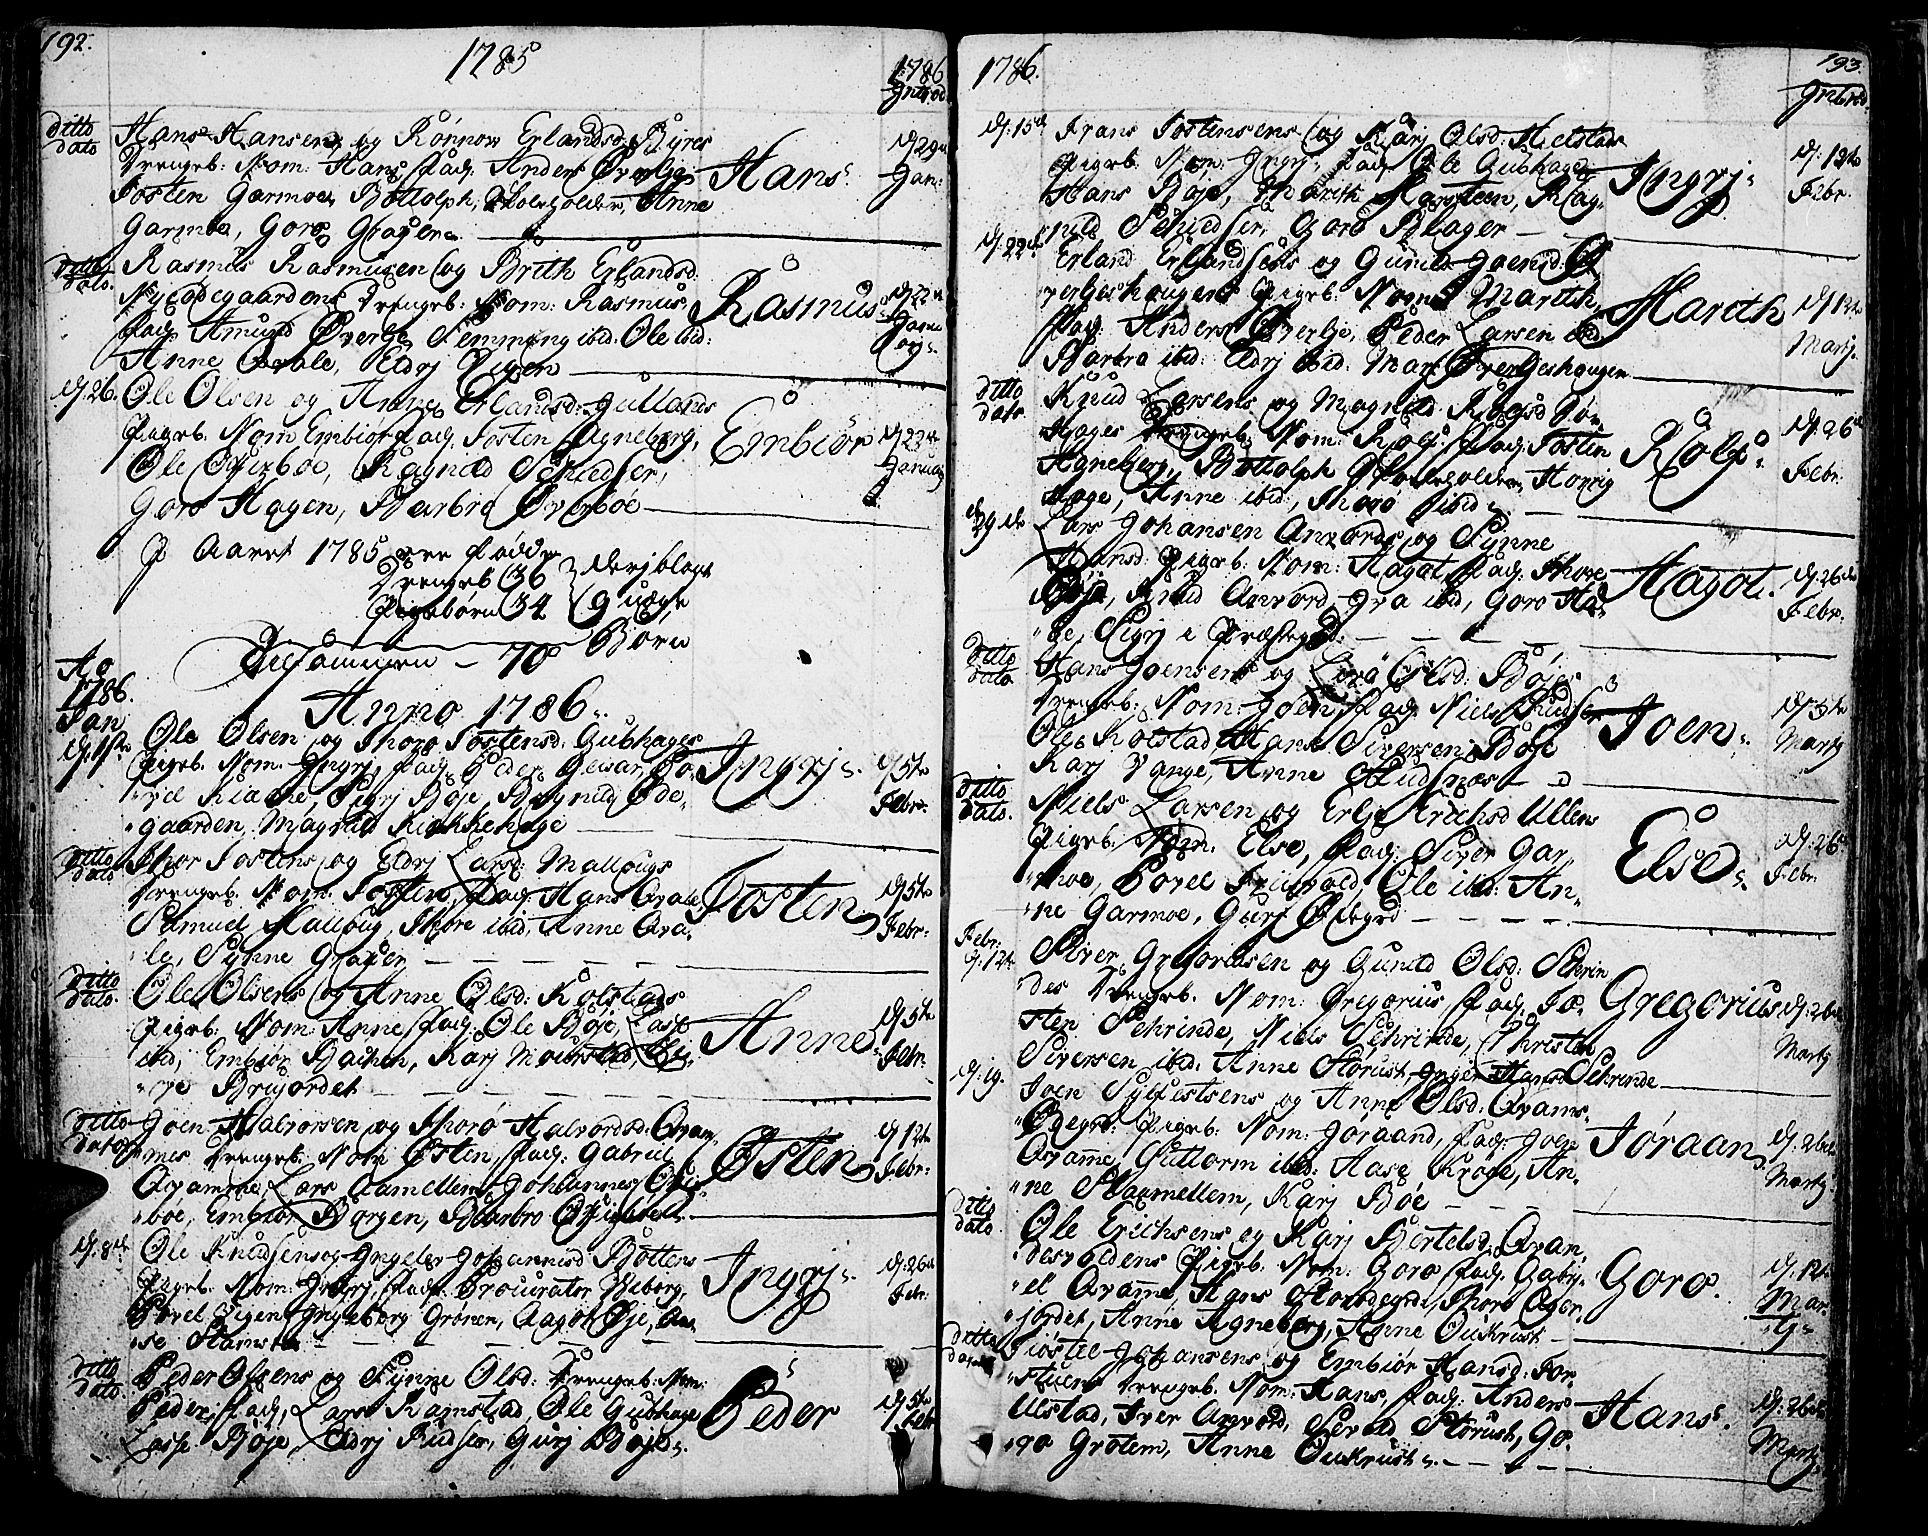 SAH, Lom prestekontor, K/L0002: Ministerialbok nr. 2, 1749-1801, s. 192-193